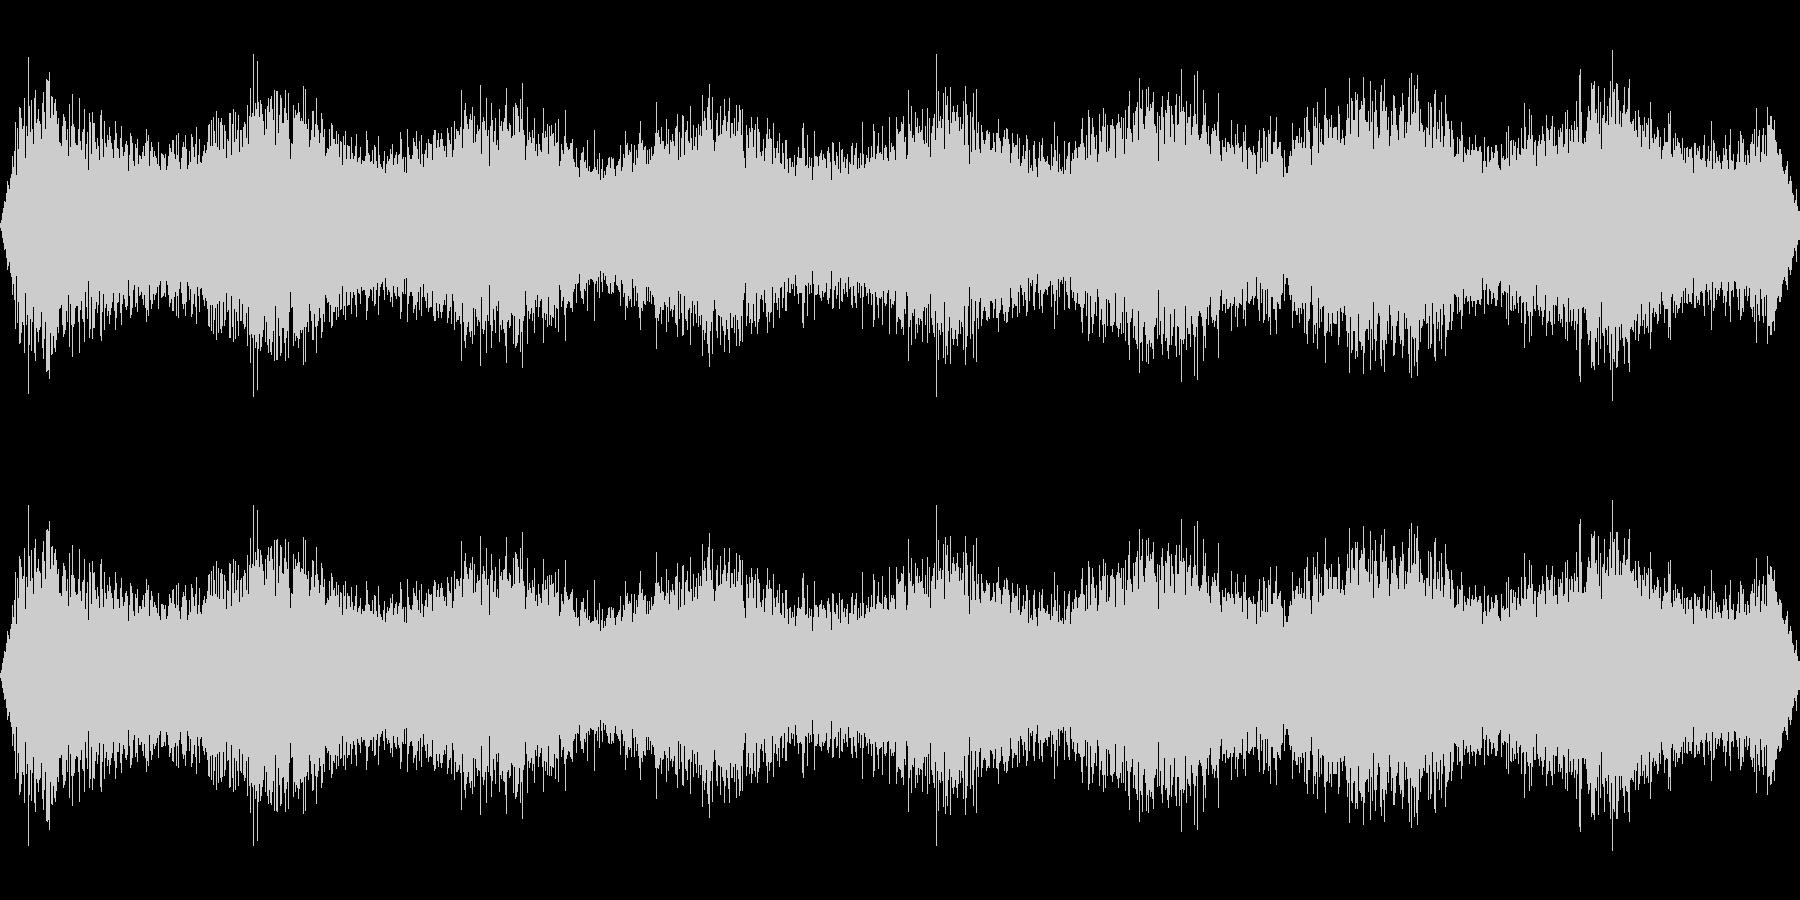 宇宙人の音の未再生の波形